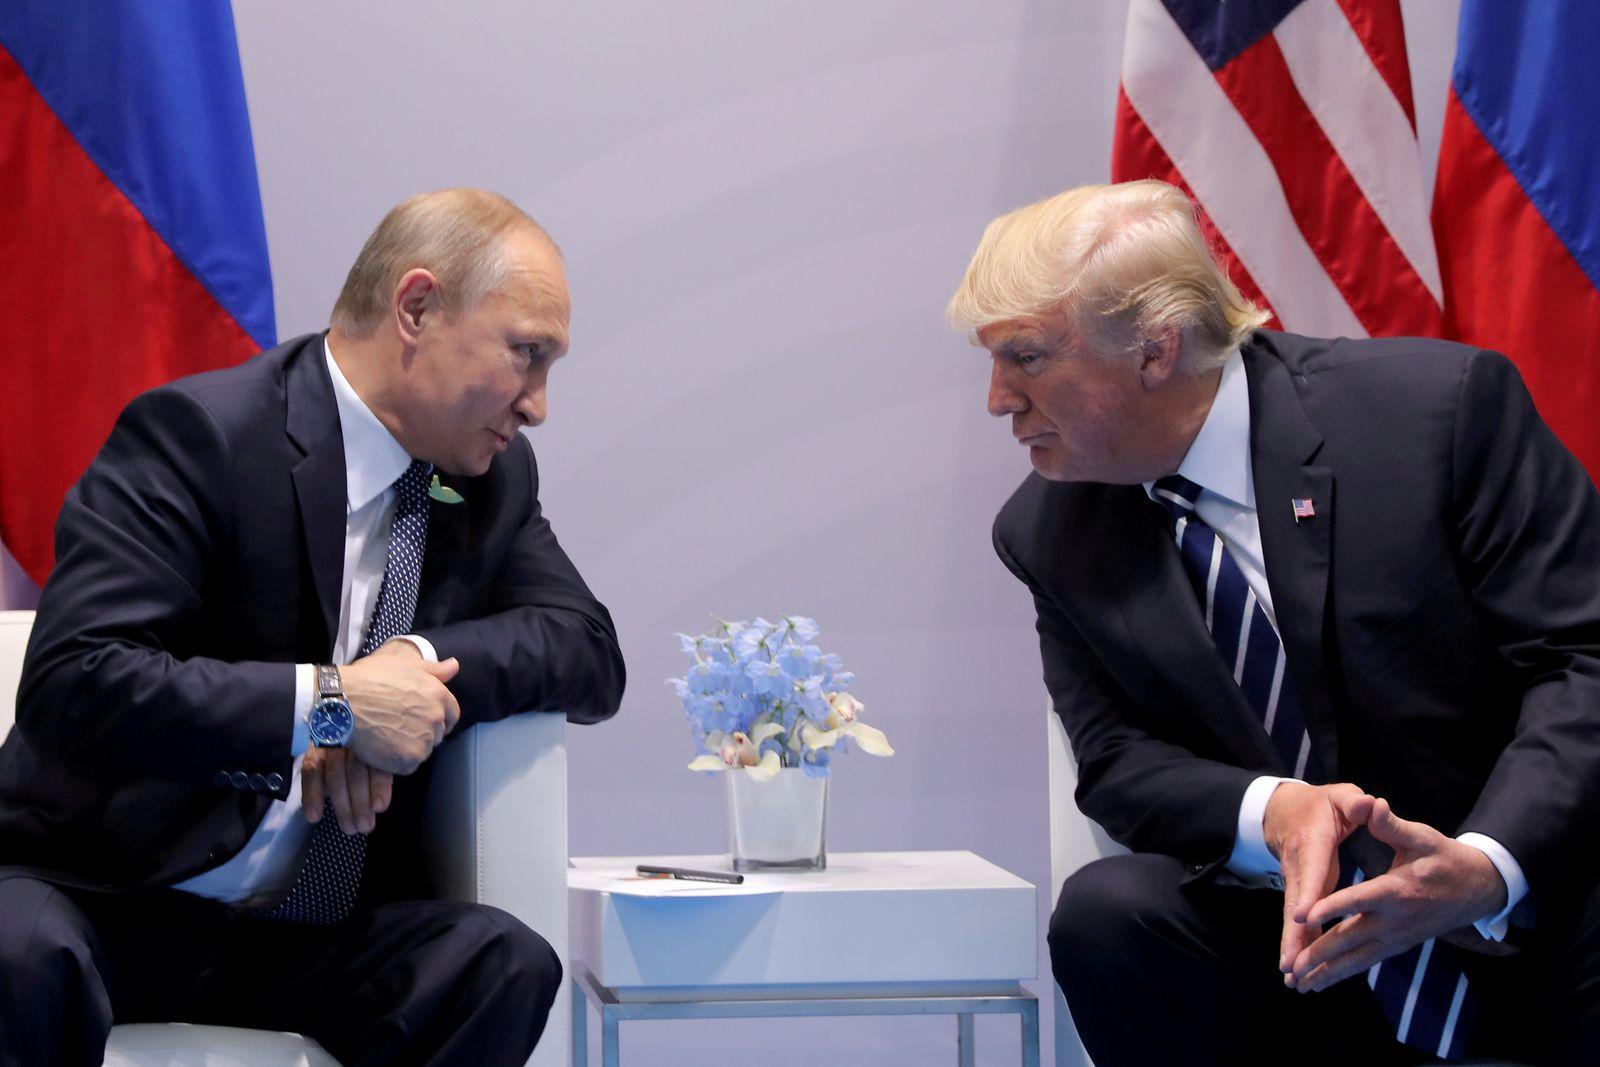 Trump/ Putin/ Helsinki/